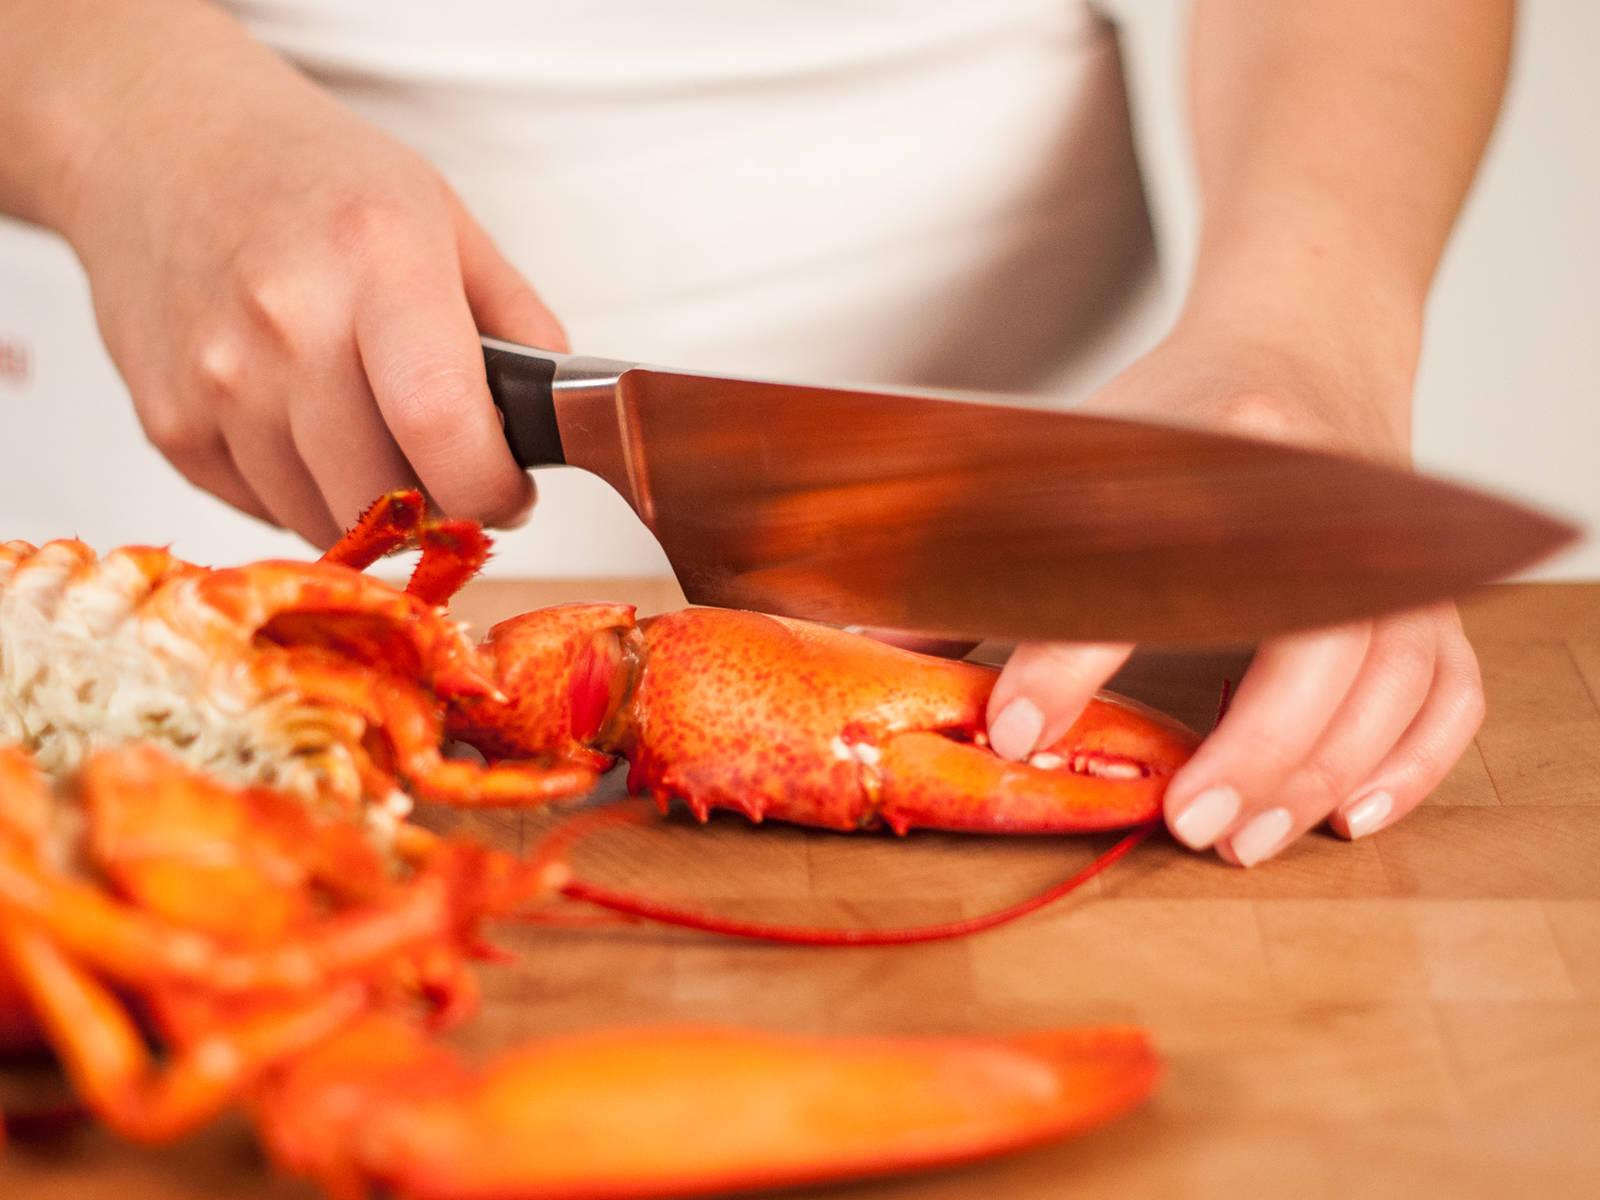 用同一把刀切掉小爪,在大爪上开个口,以便烹饪时入味。